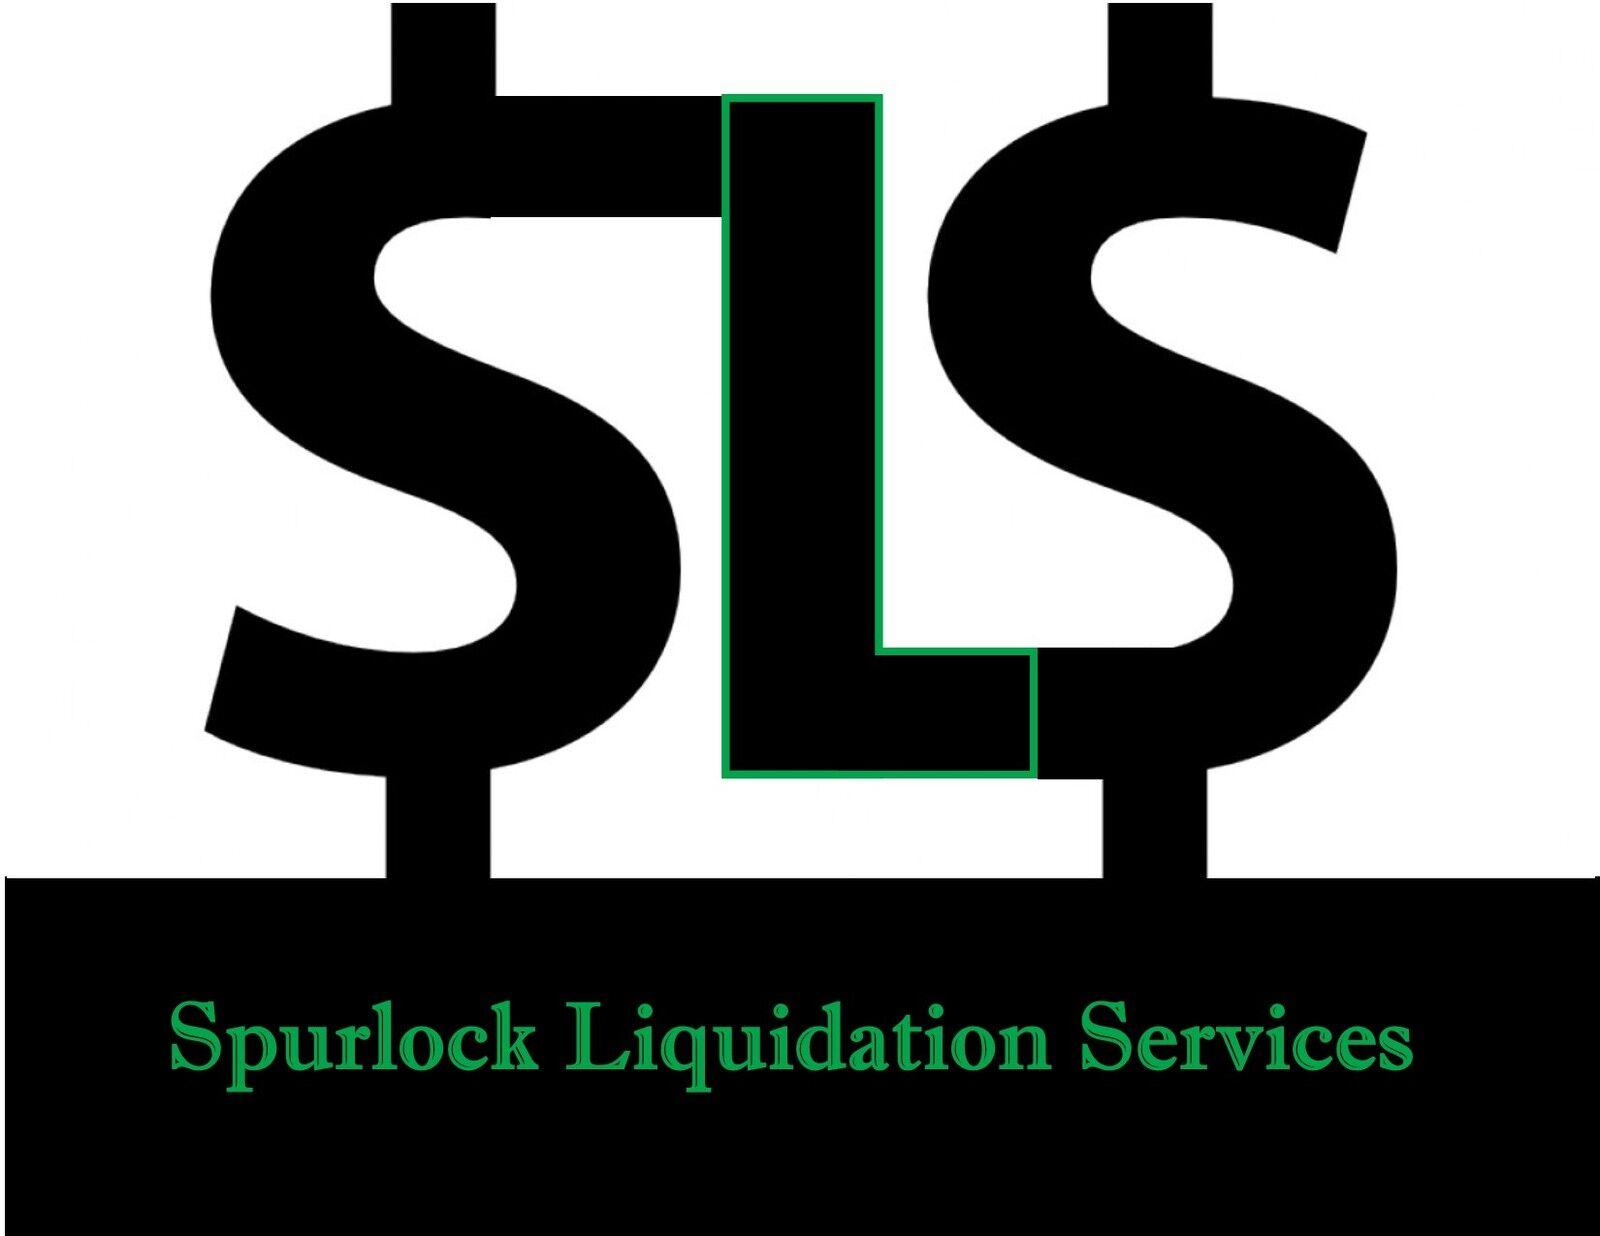 Spurlock Liquidation Services